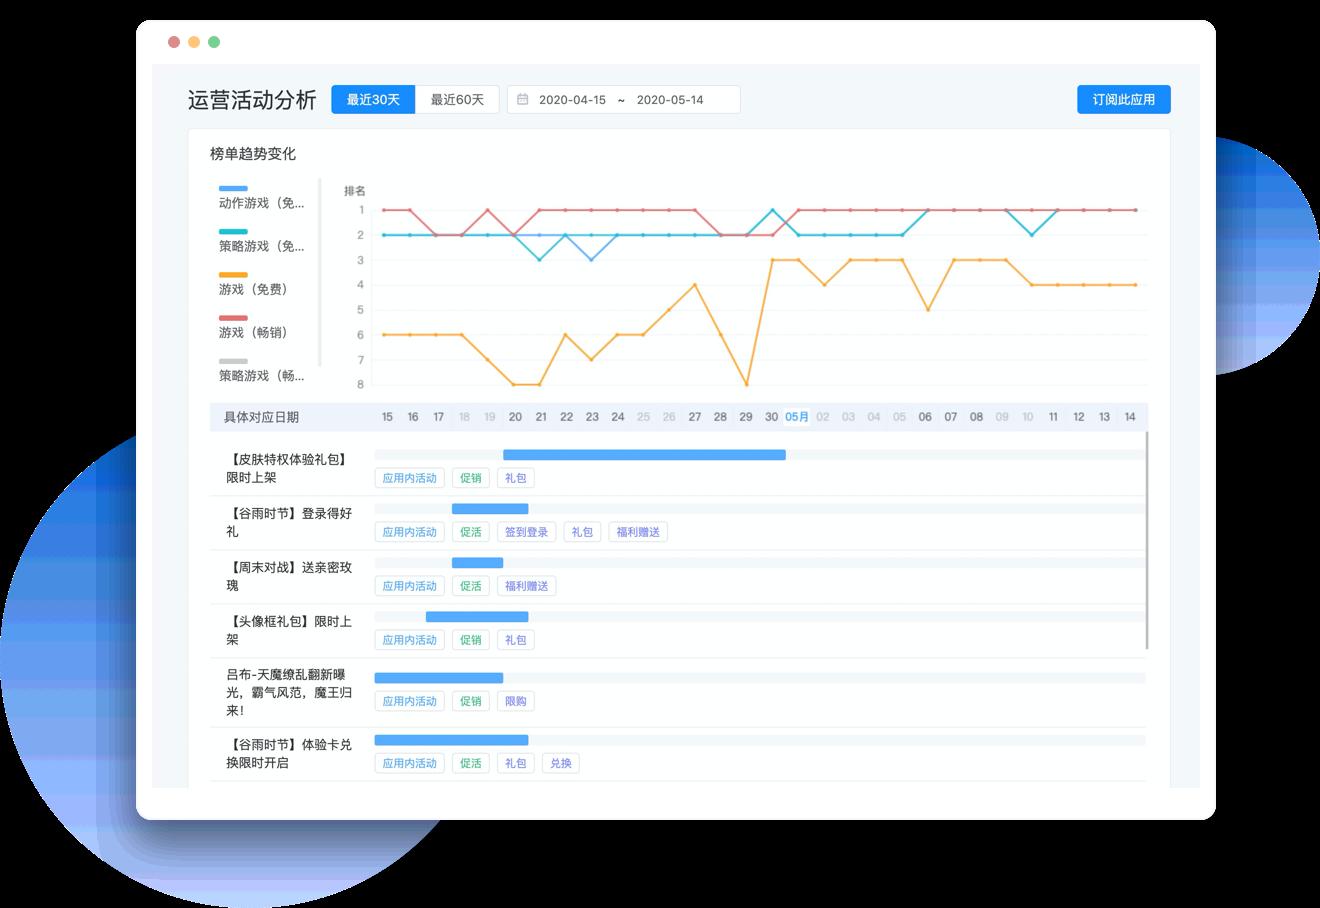 竞品App运营活动追踪 [定制]